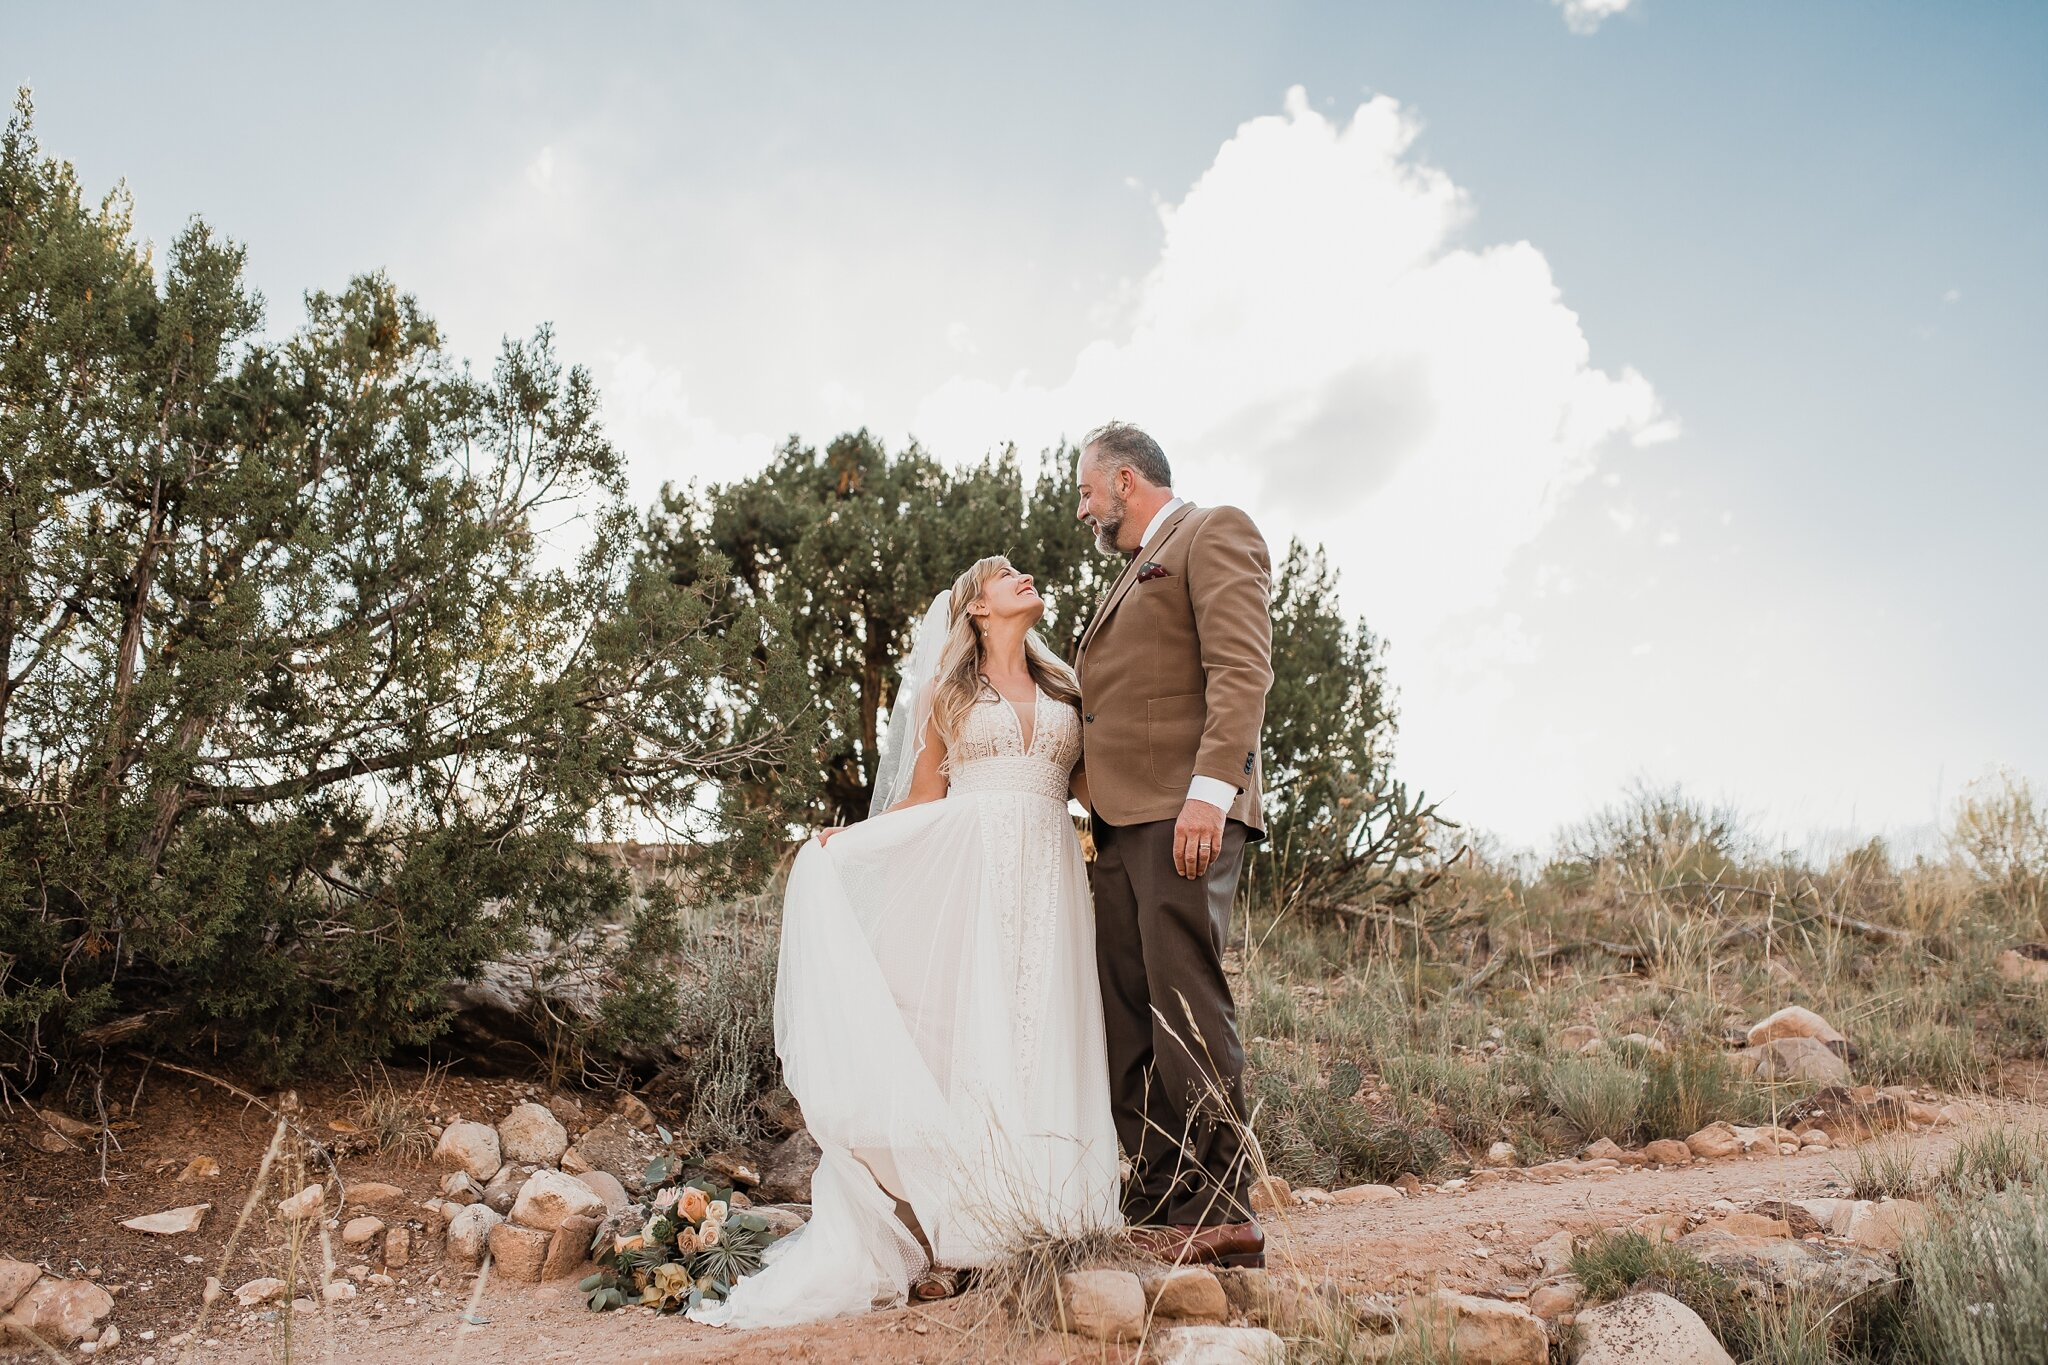 Alicia+lucia+photography+-+albuquerque+wedding+photographer+-+santa+fe+wedding+photography+-+new+mexico+wedding+photographer+-+new+mexico+wedding+-+wedding+-+santa+fe+wedding+-+ghost+ranch+-+ghost+ranch+wedding+-+fall+wedding_0058.jpg